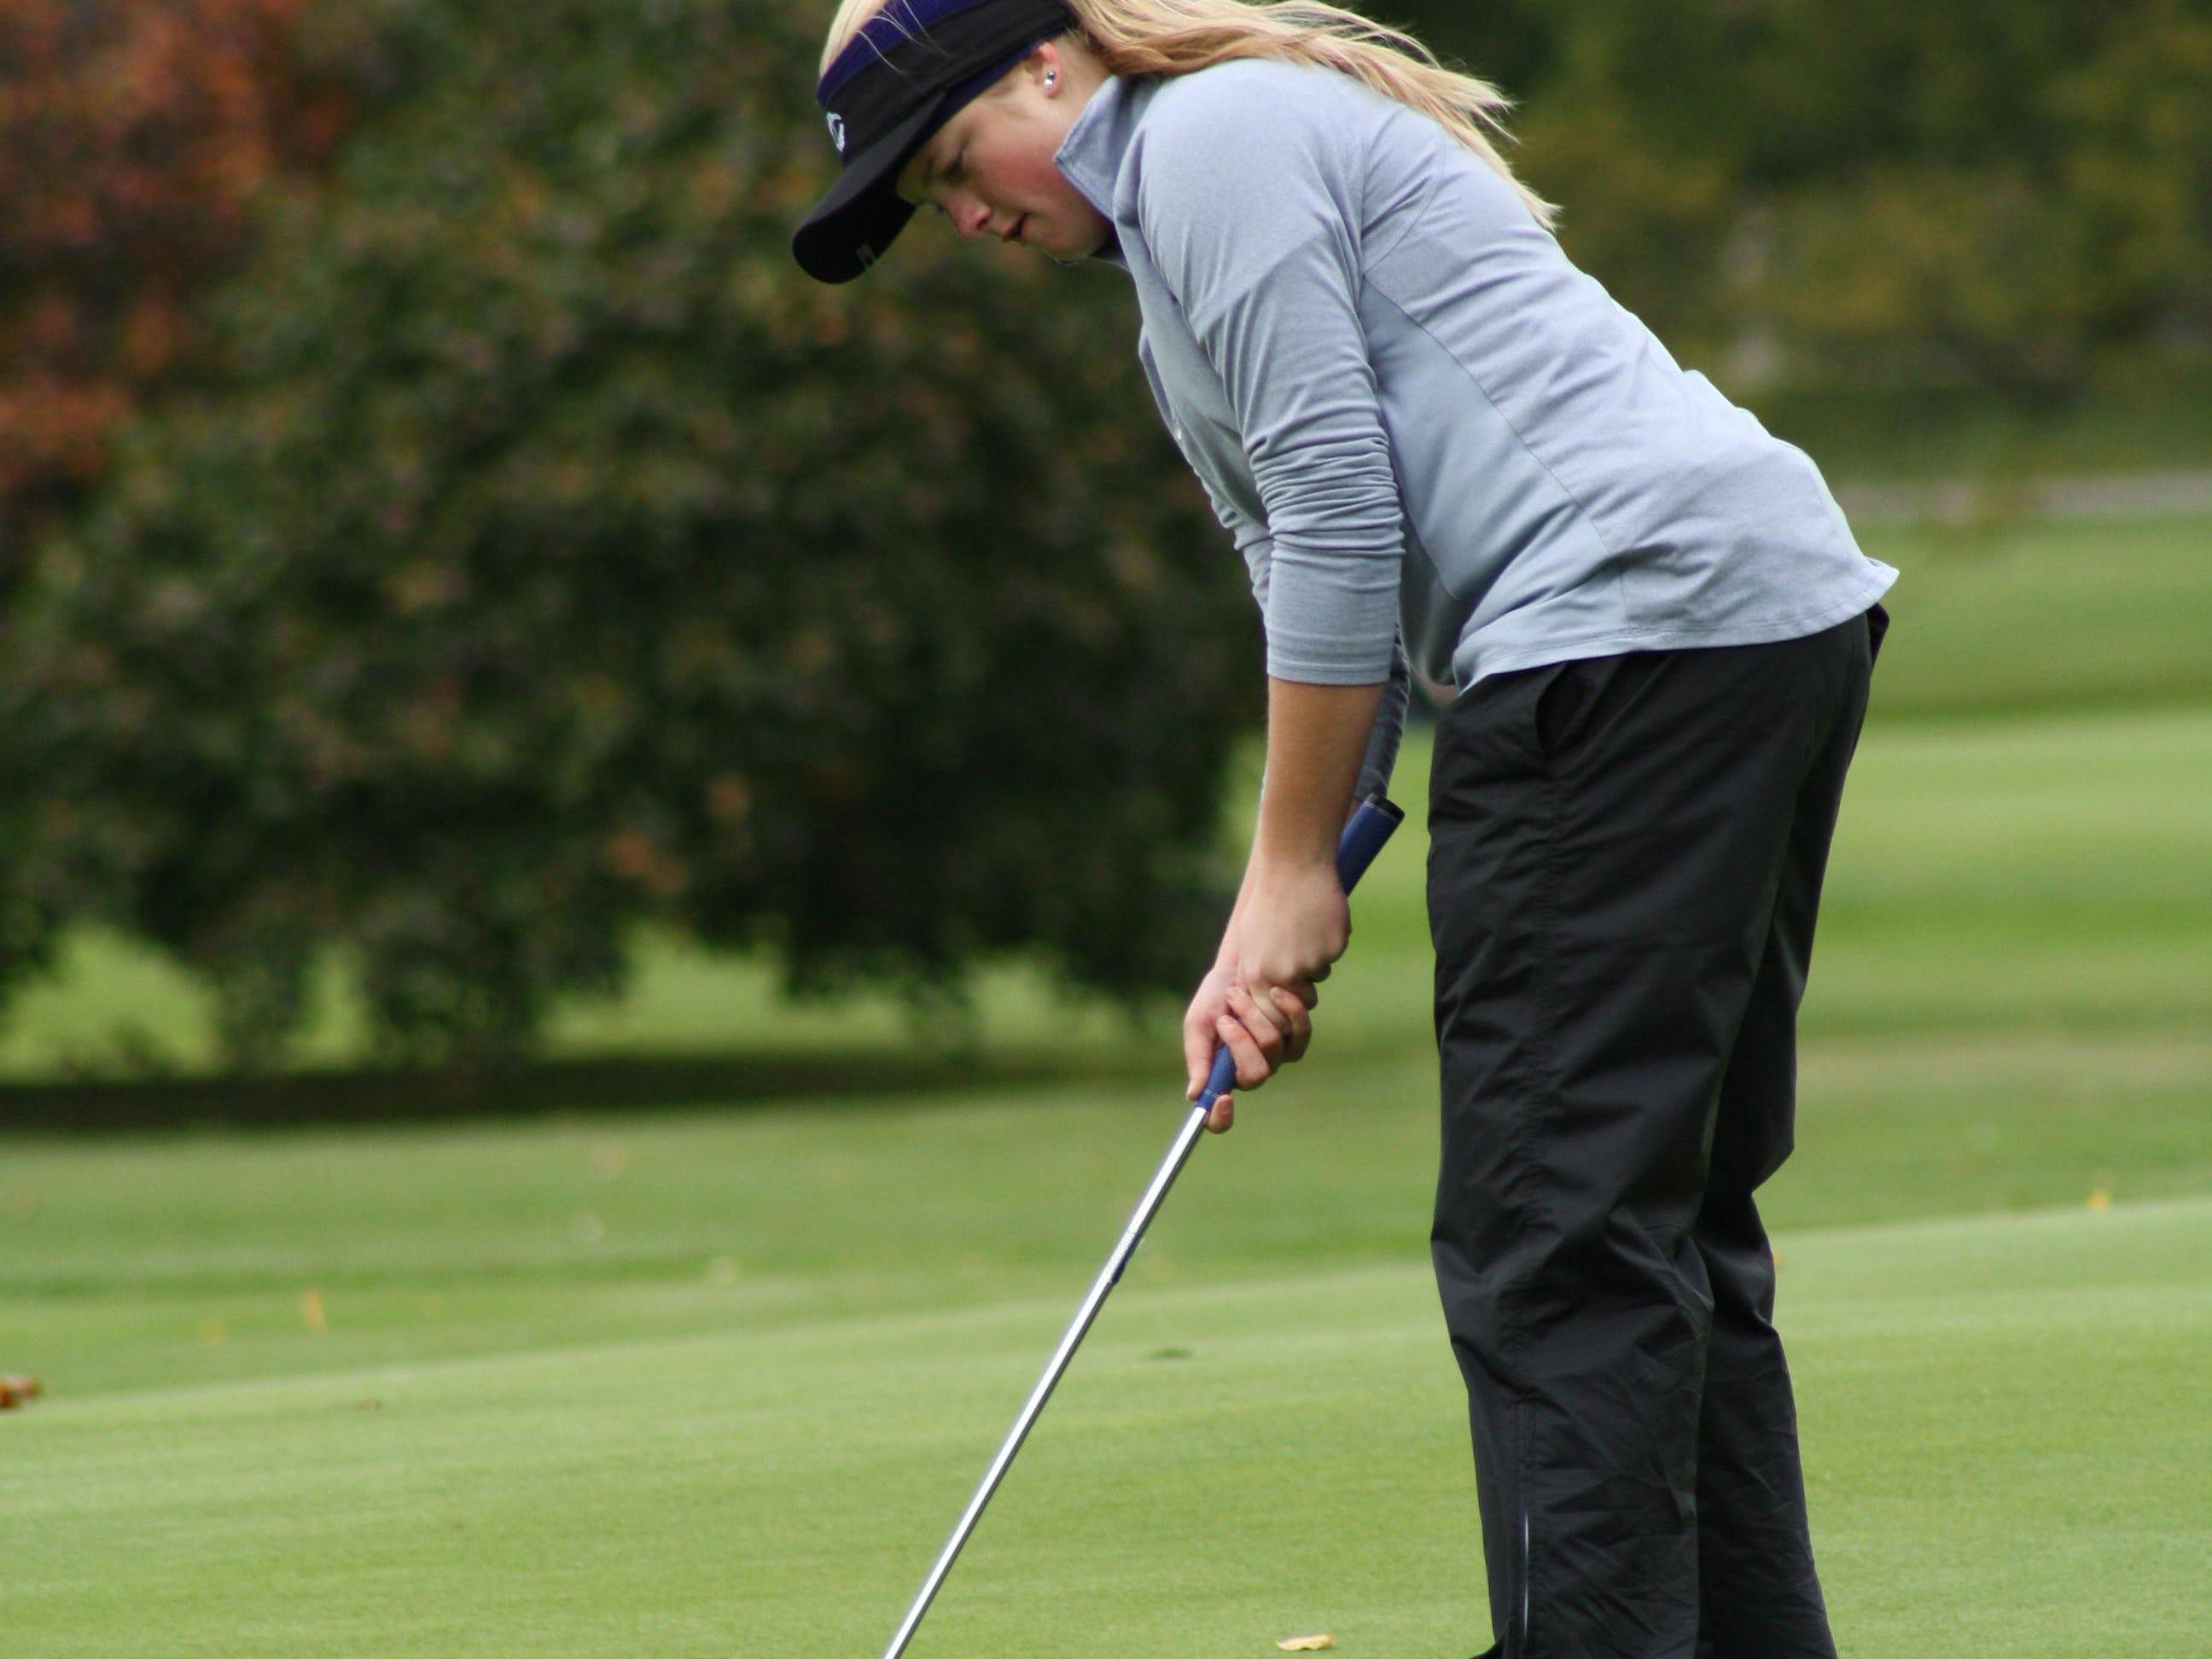 Making a par putt at the ninth hole, Lansing Catholic Central's Abigail Meder, junior.